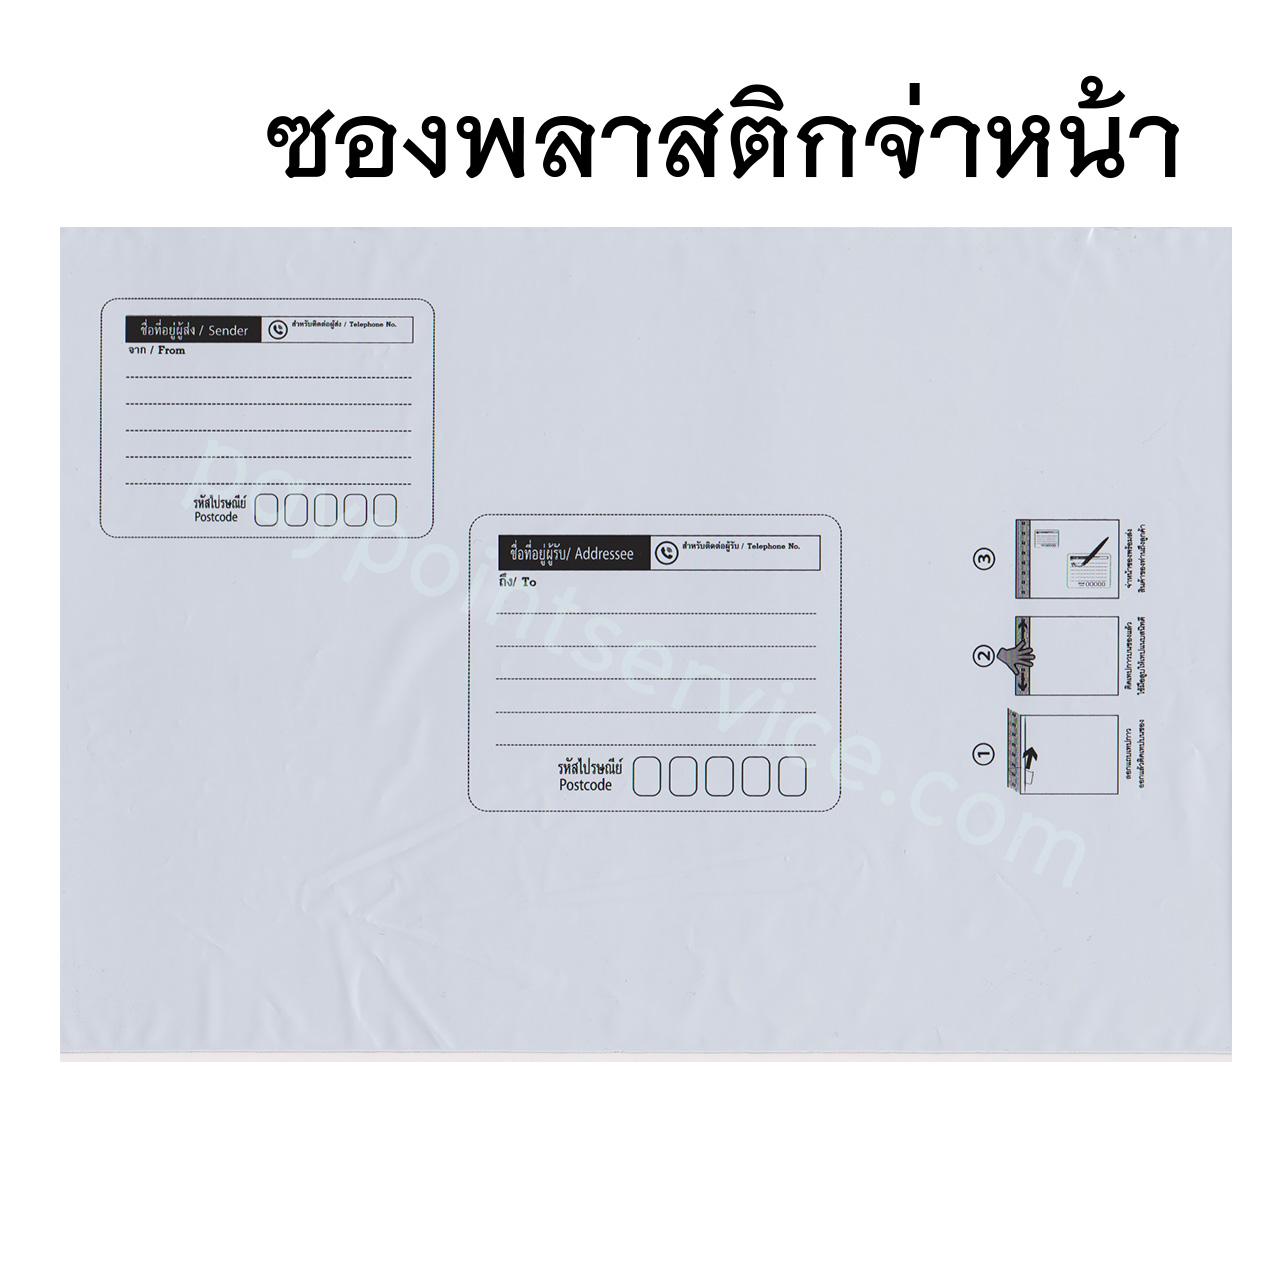 ซองไปรษณีย์พลาสติก เบอร์ L:28x42 cm จ่าหน้า ( 50 ใบ ) ราคา 170 บาท สำเนา